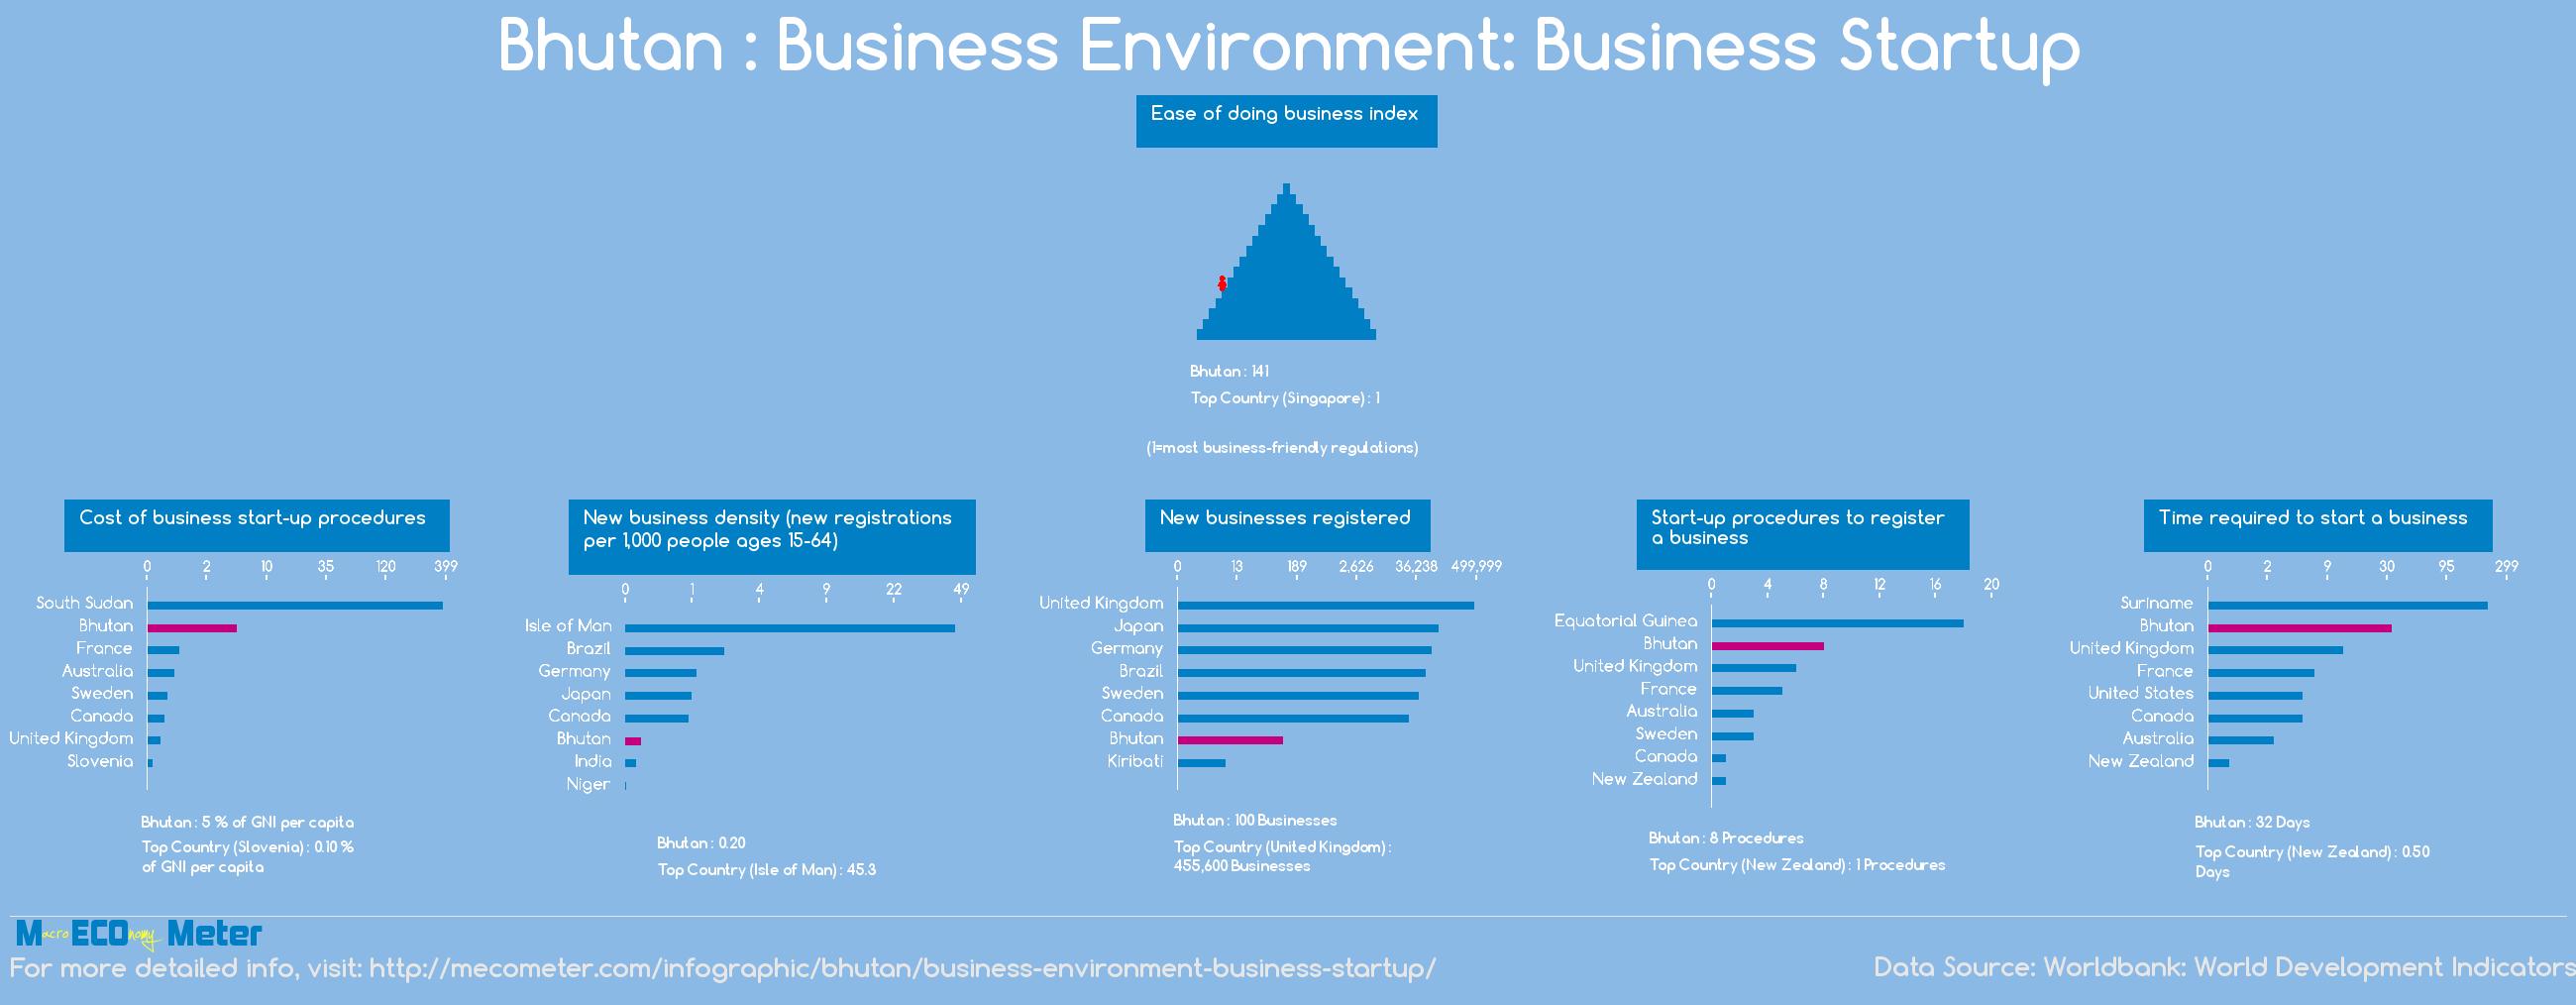 Bhutan : Business Environment: Business Startup